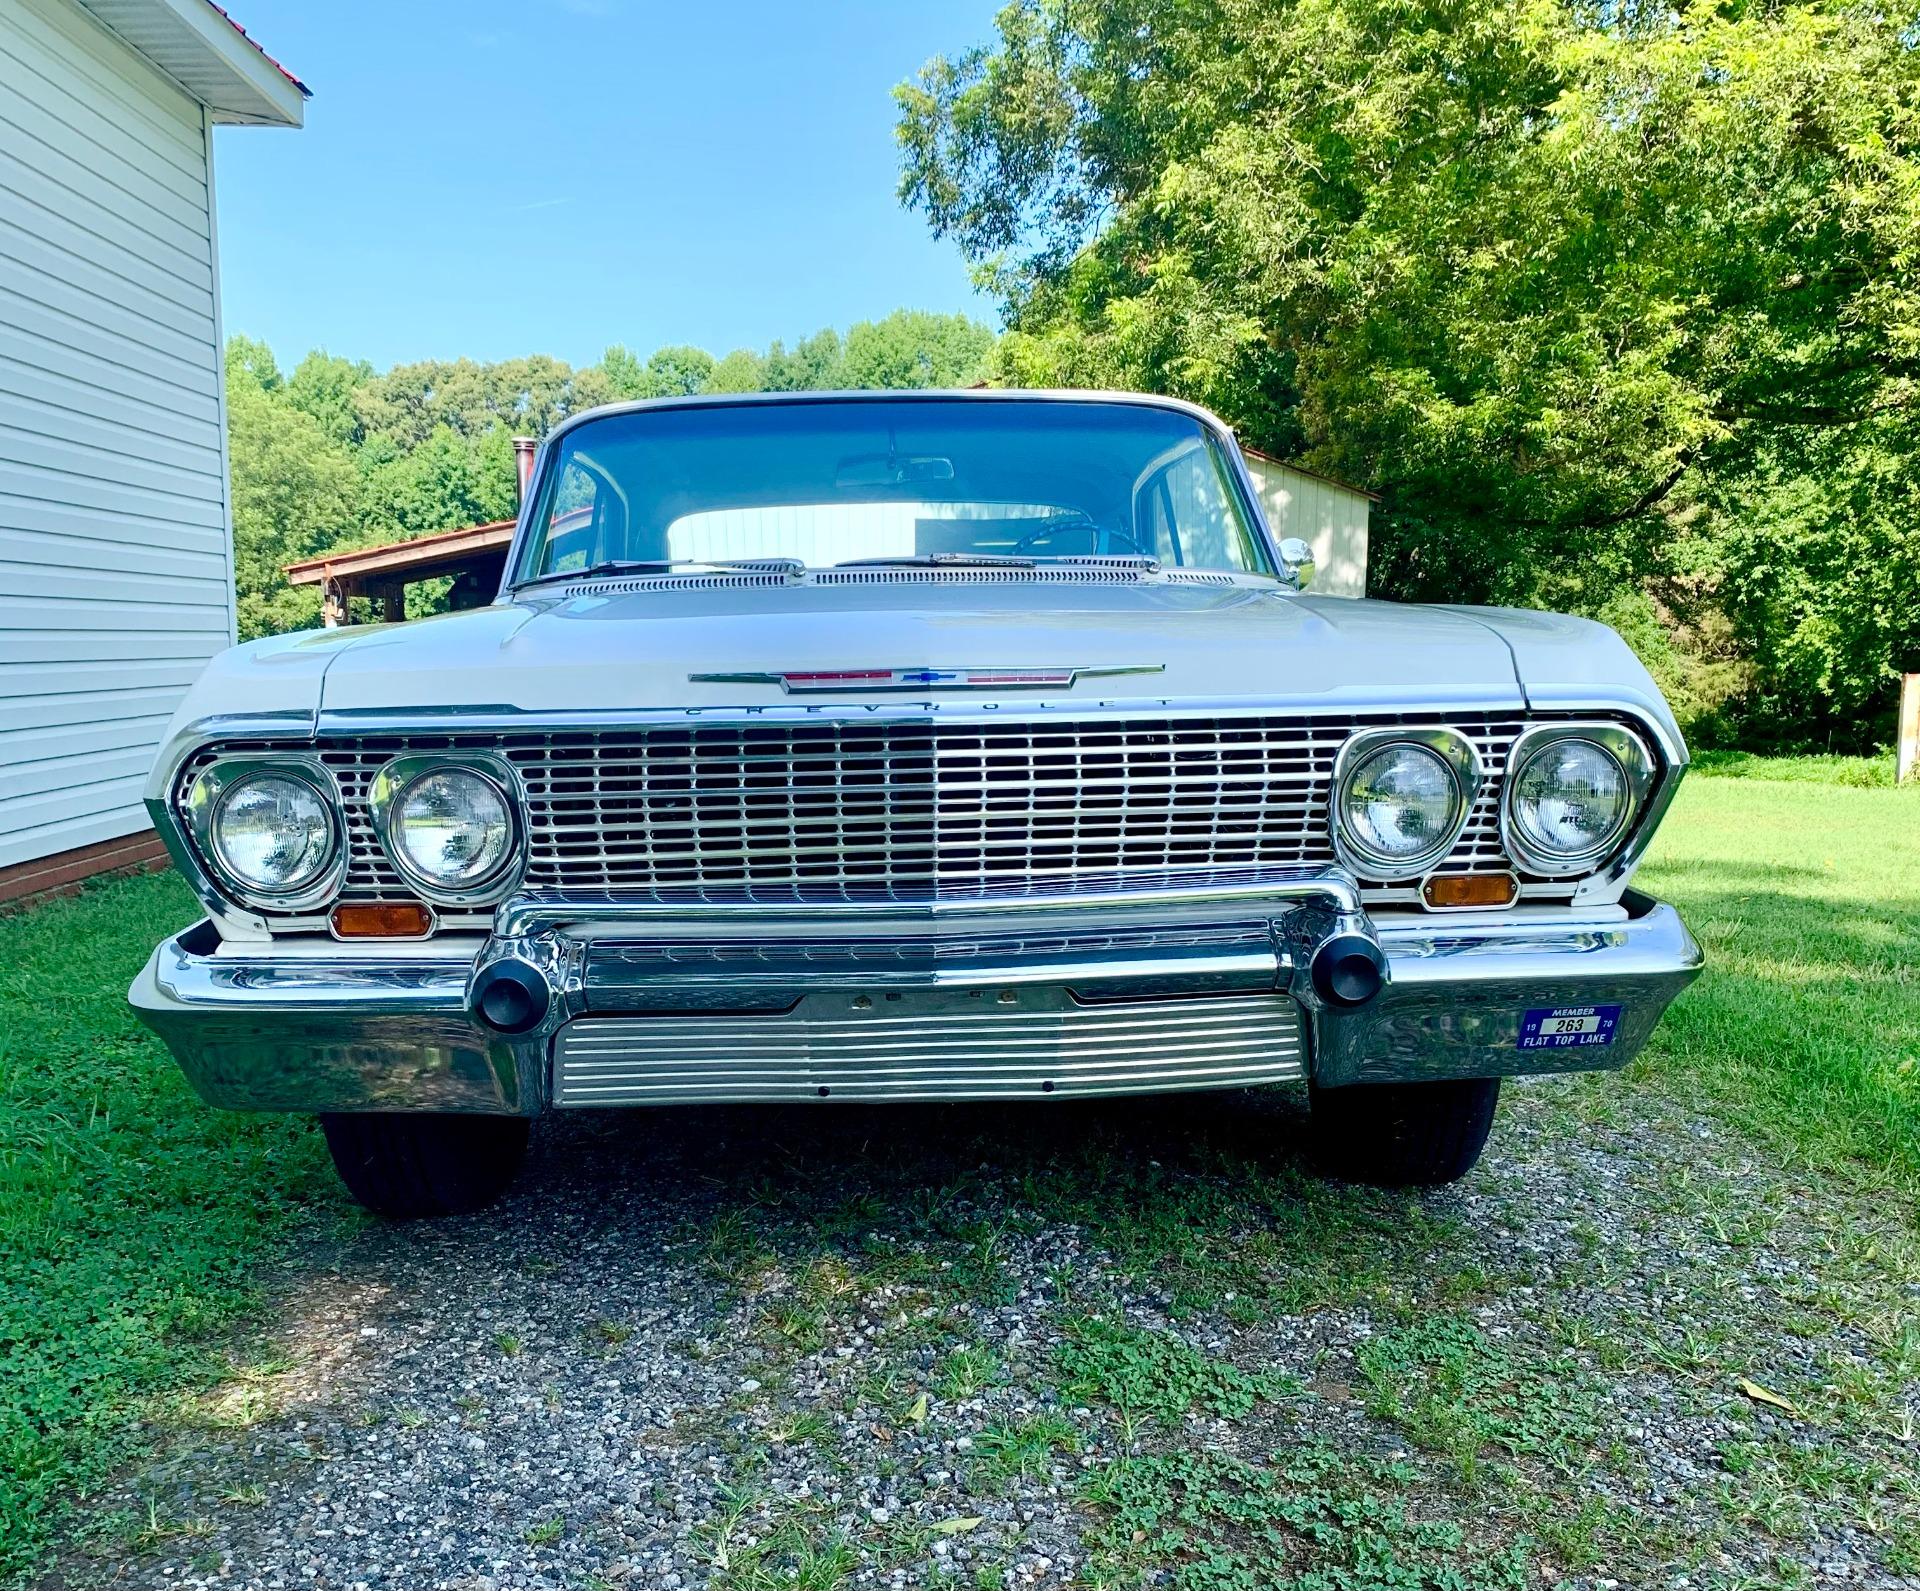 Used 1963 Chevrolet Impala